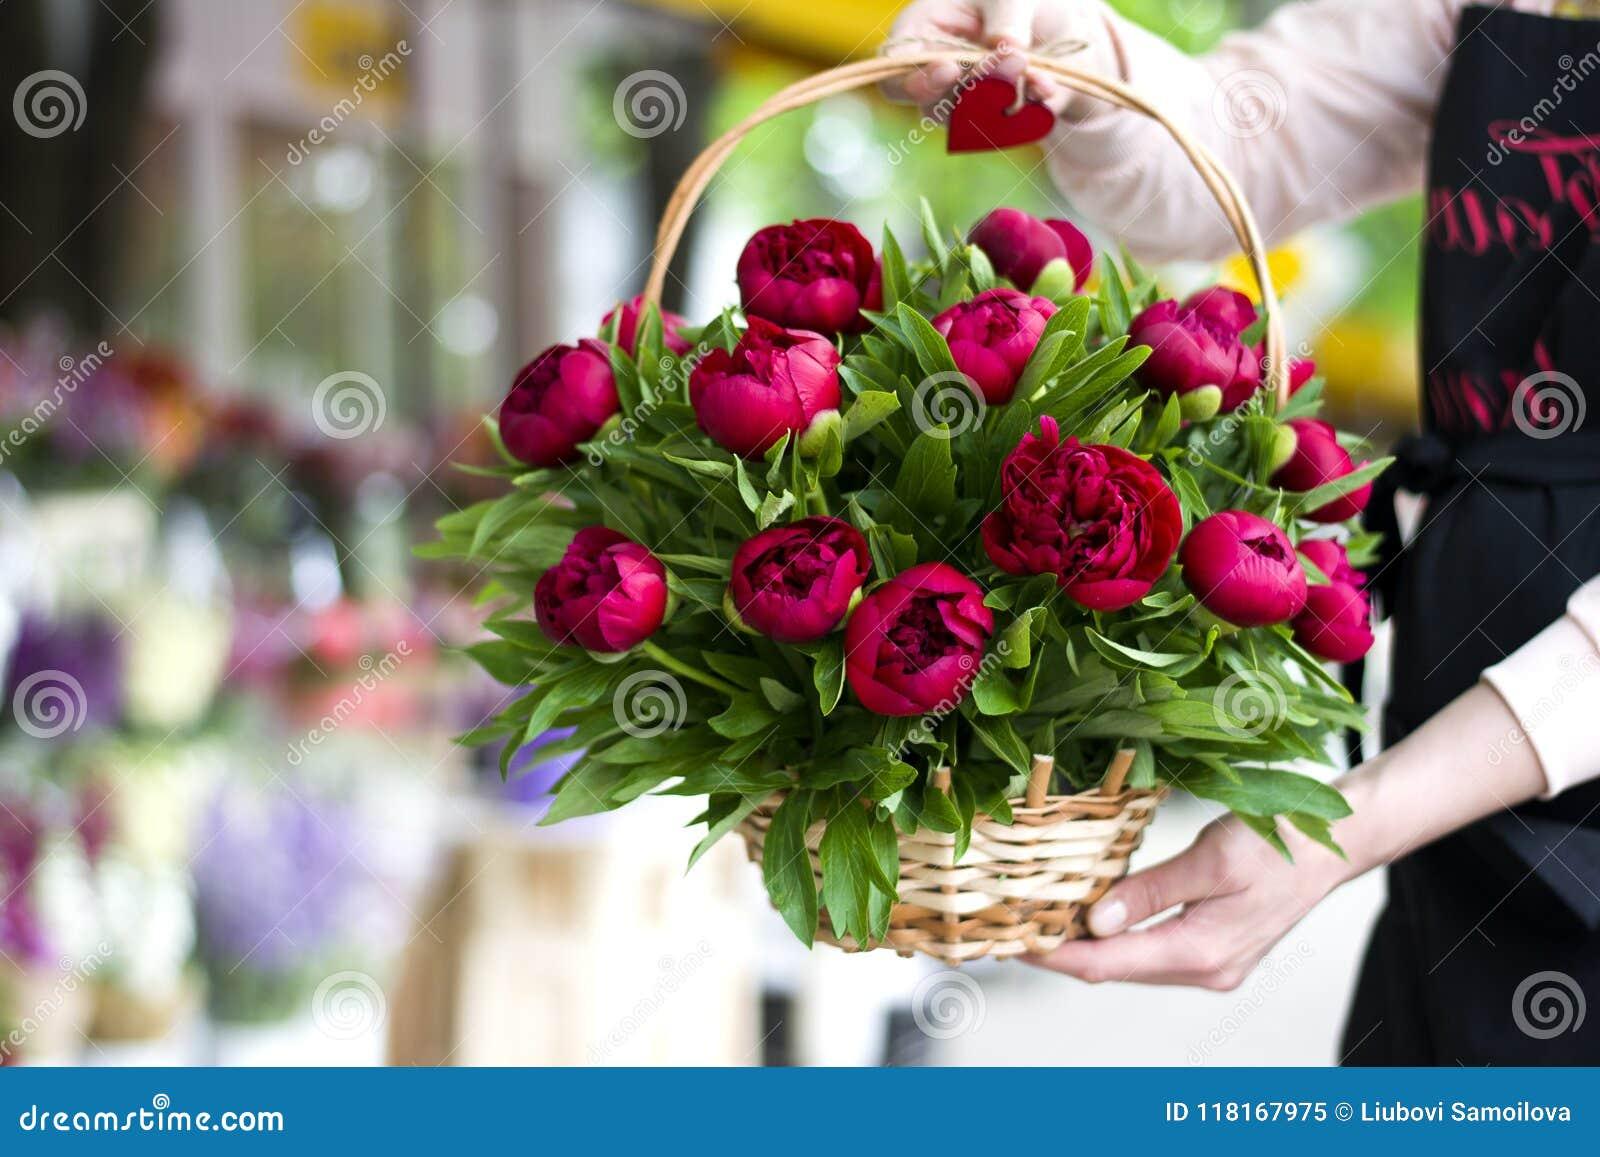 Three Dark Pink Peonies Flowers In A Vase Indoors Spring Flowers